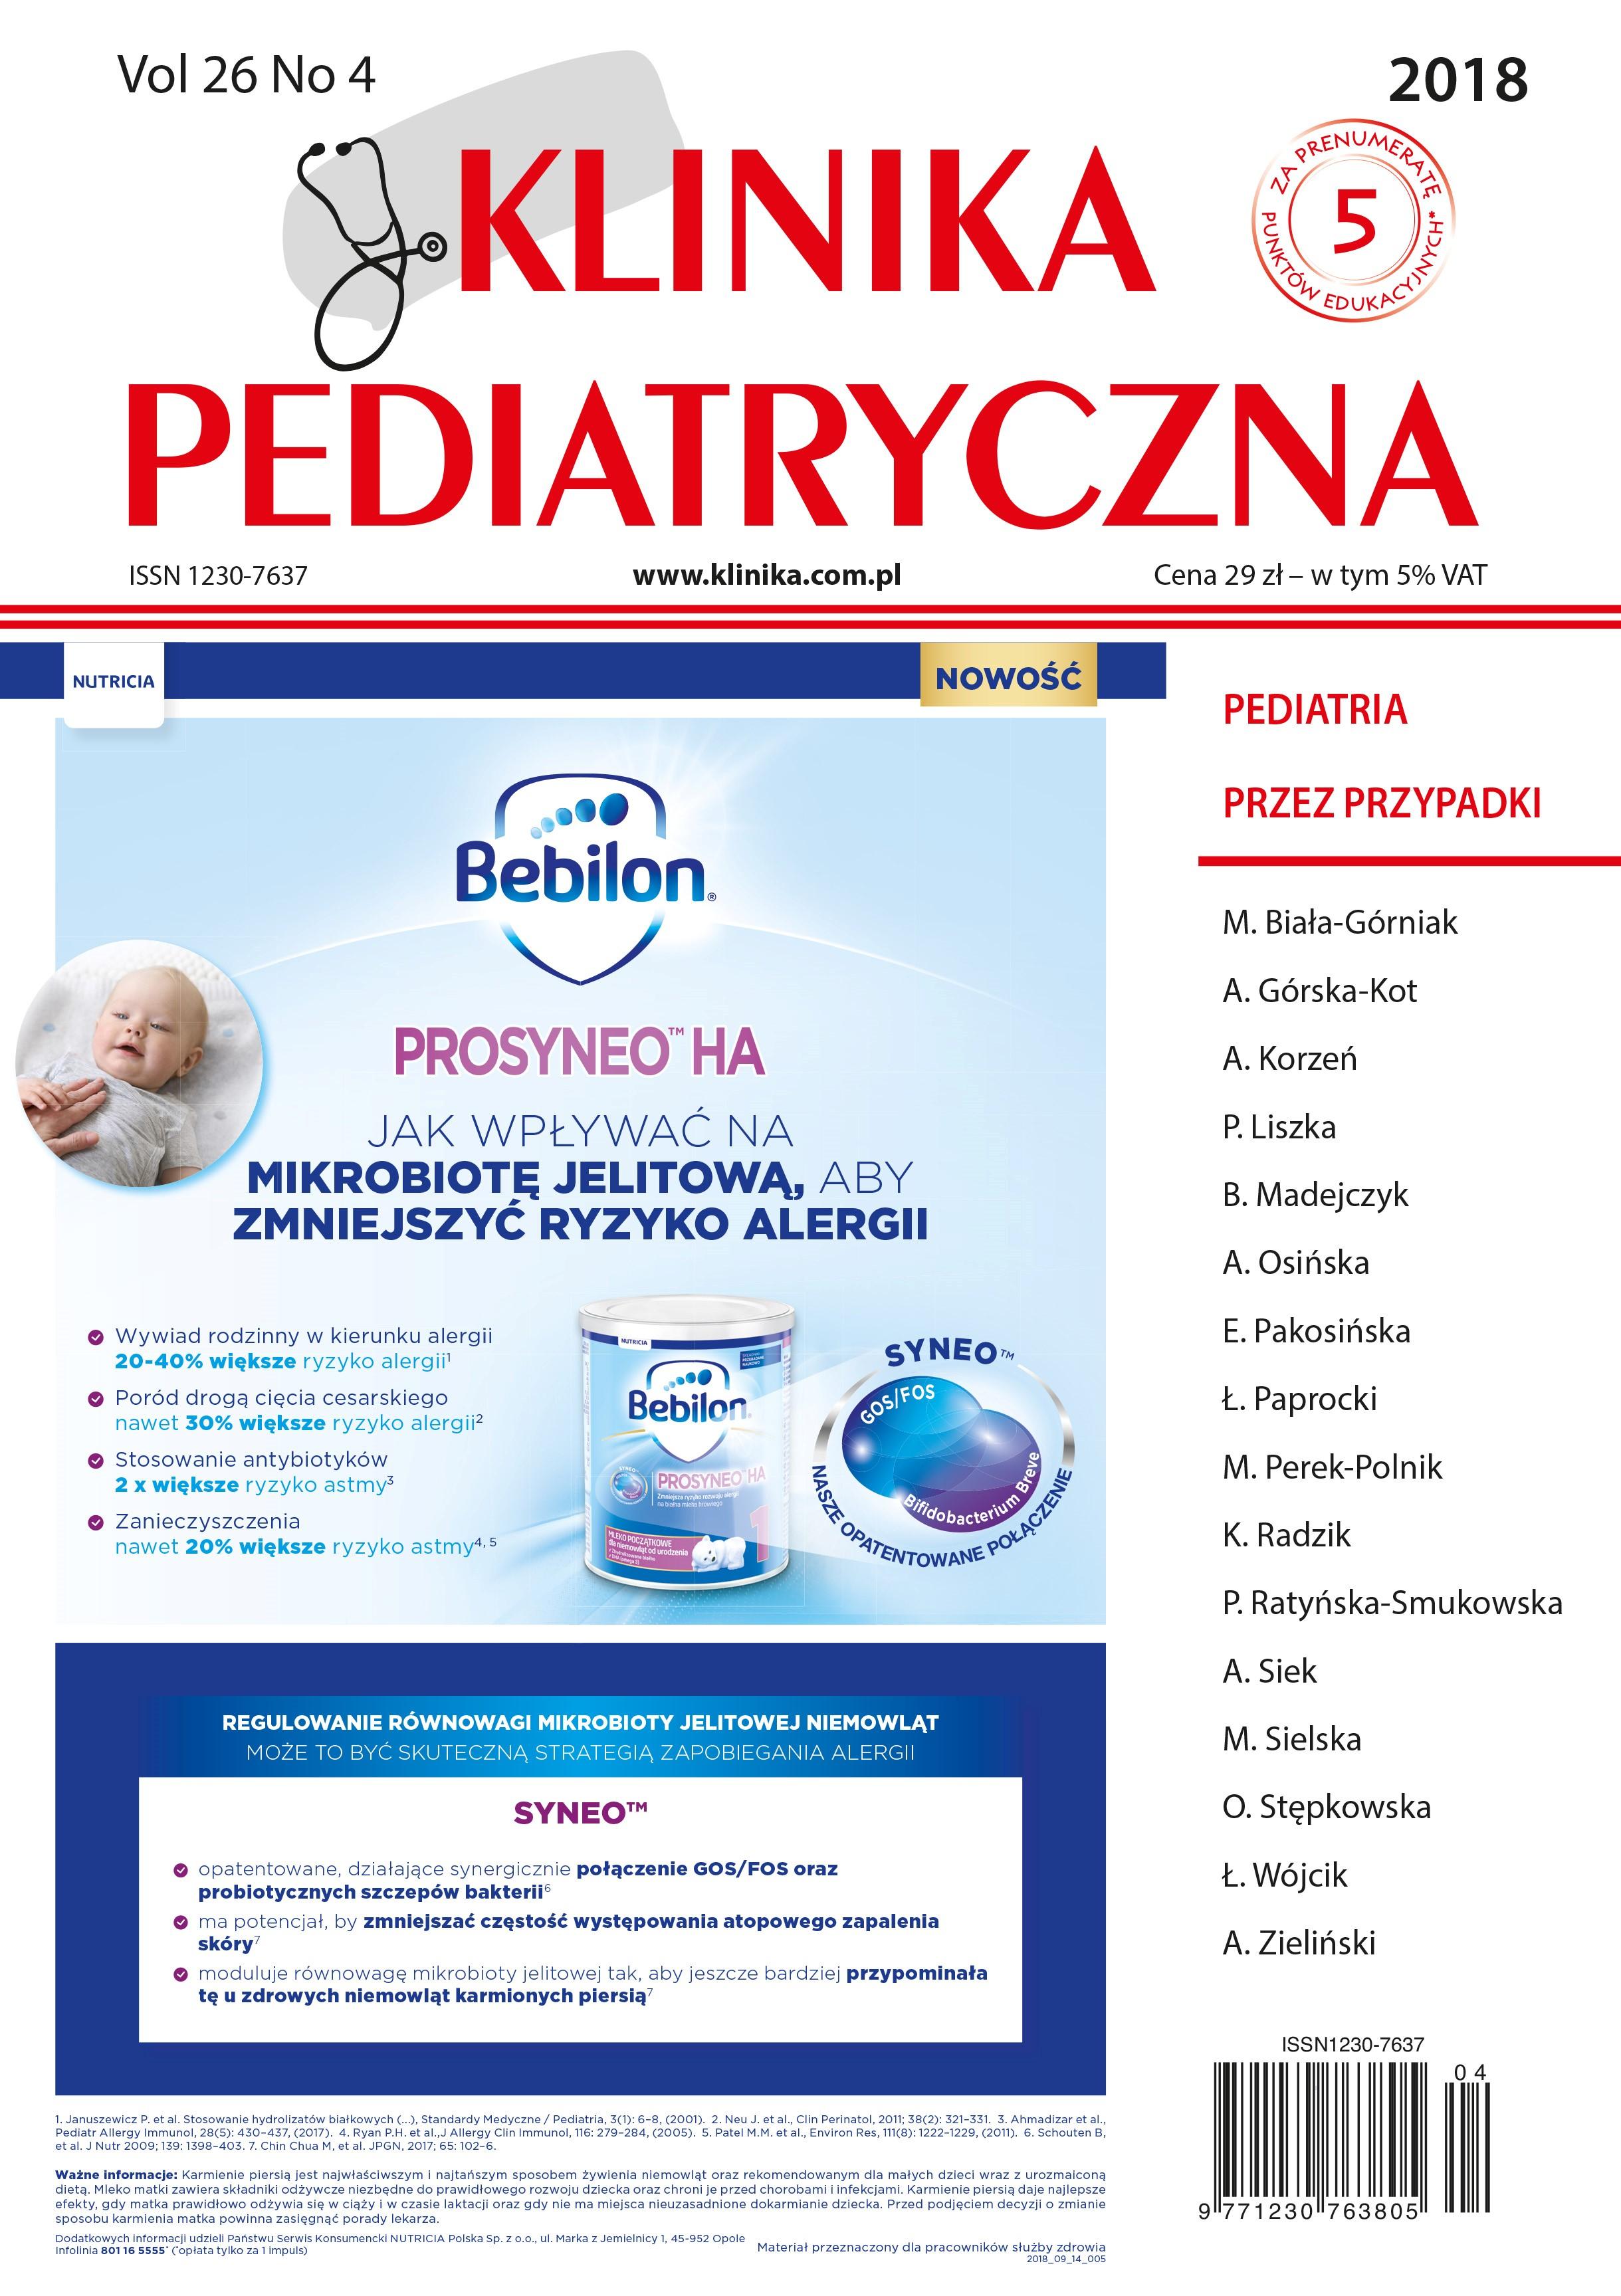 KP 4/2018 Pediatria przez Przypadki